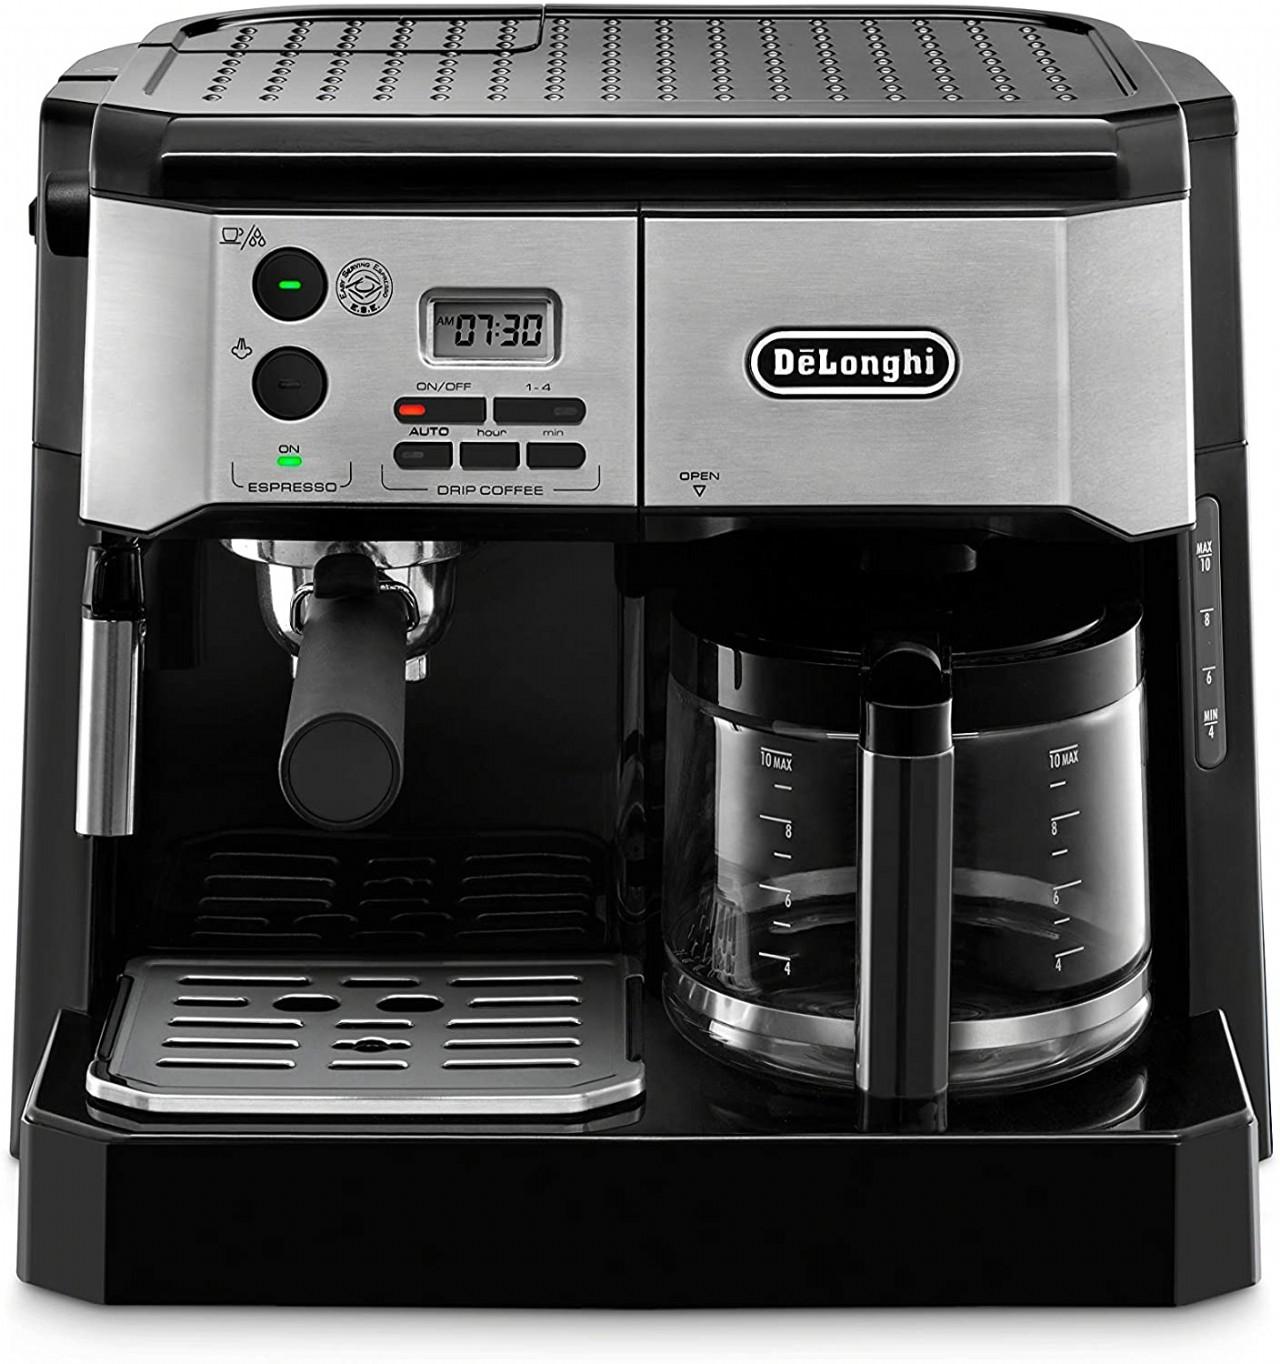 De'Longhi BCO430BM Combination Pump Espresso and 10c Drip Coffee Machine with Advanced Cappuccino